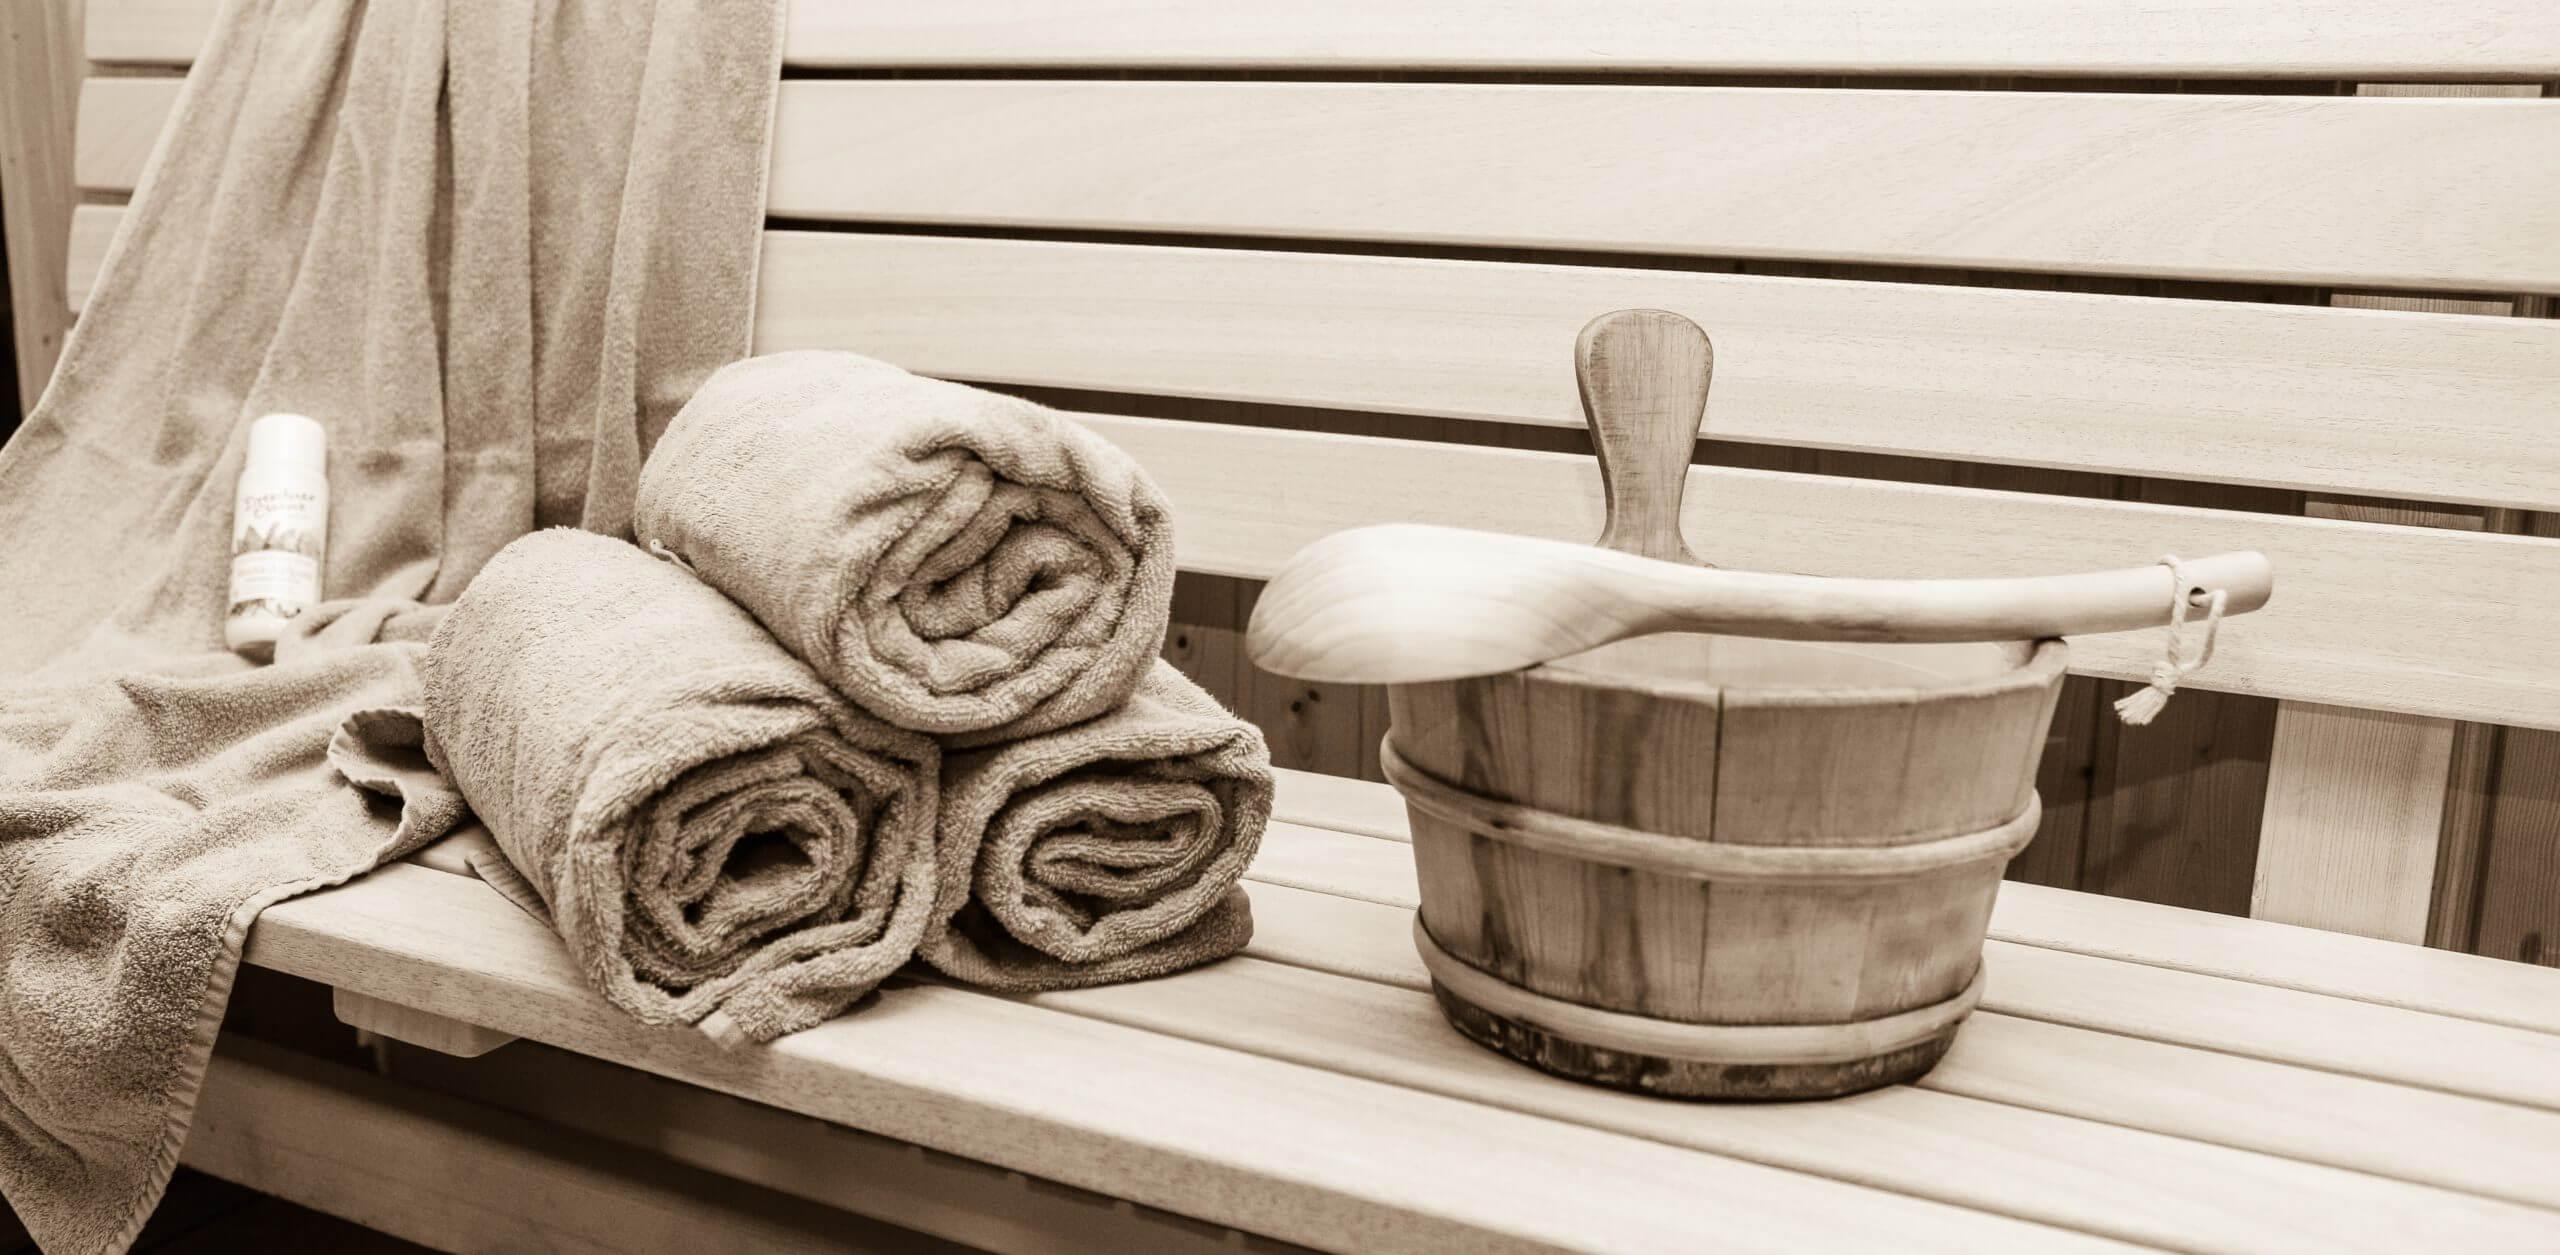 sauna-2844862